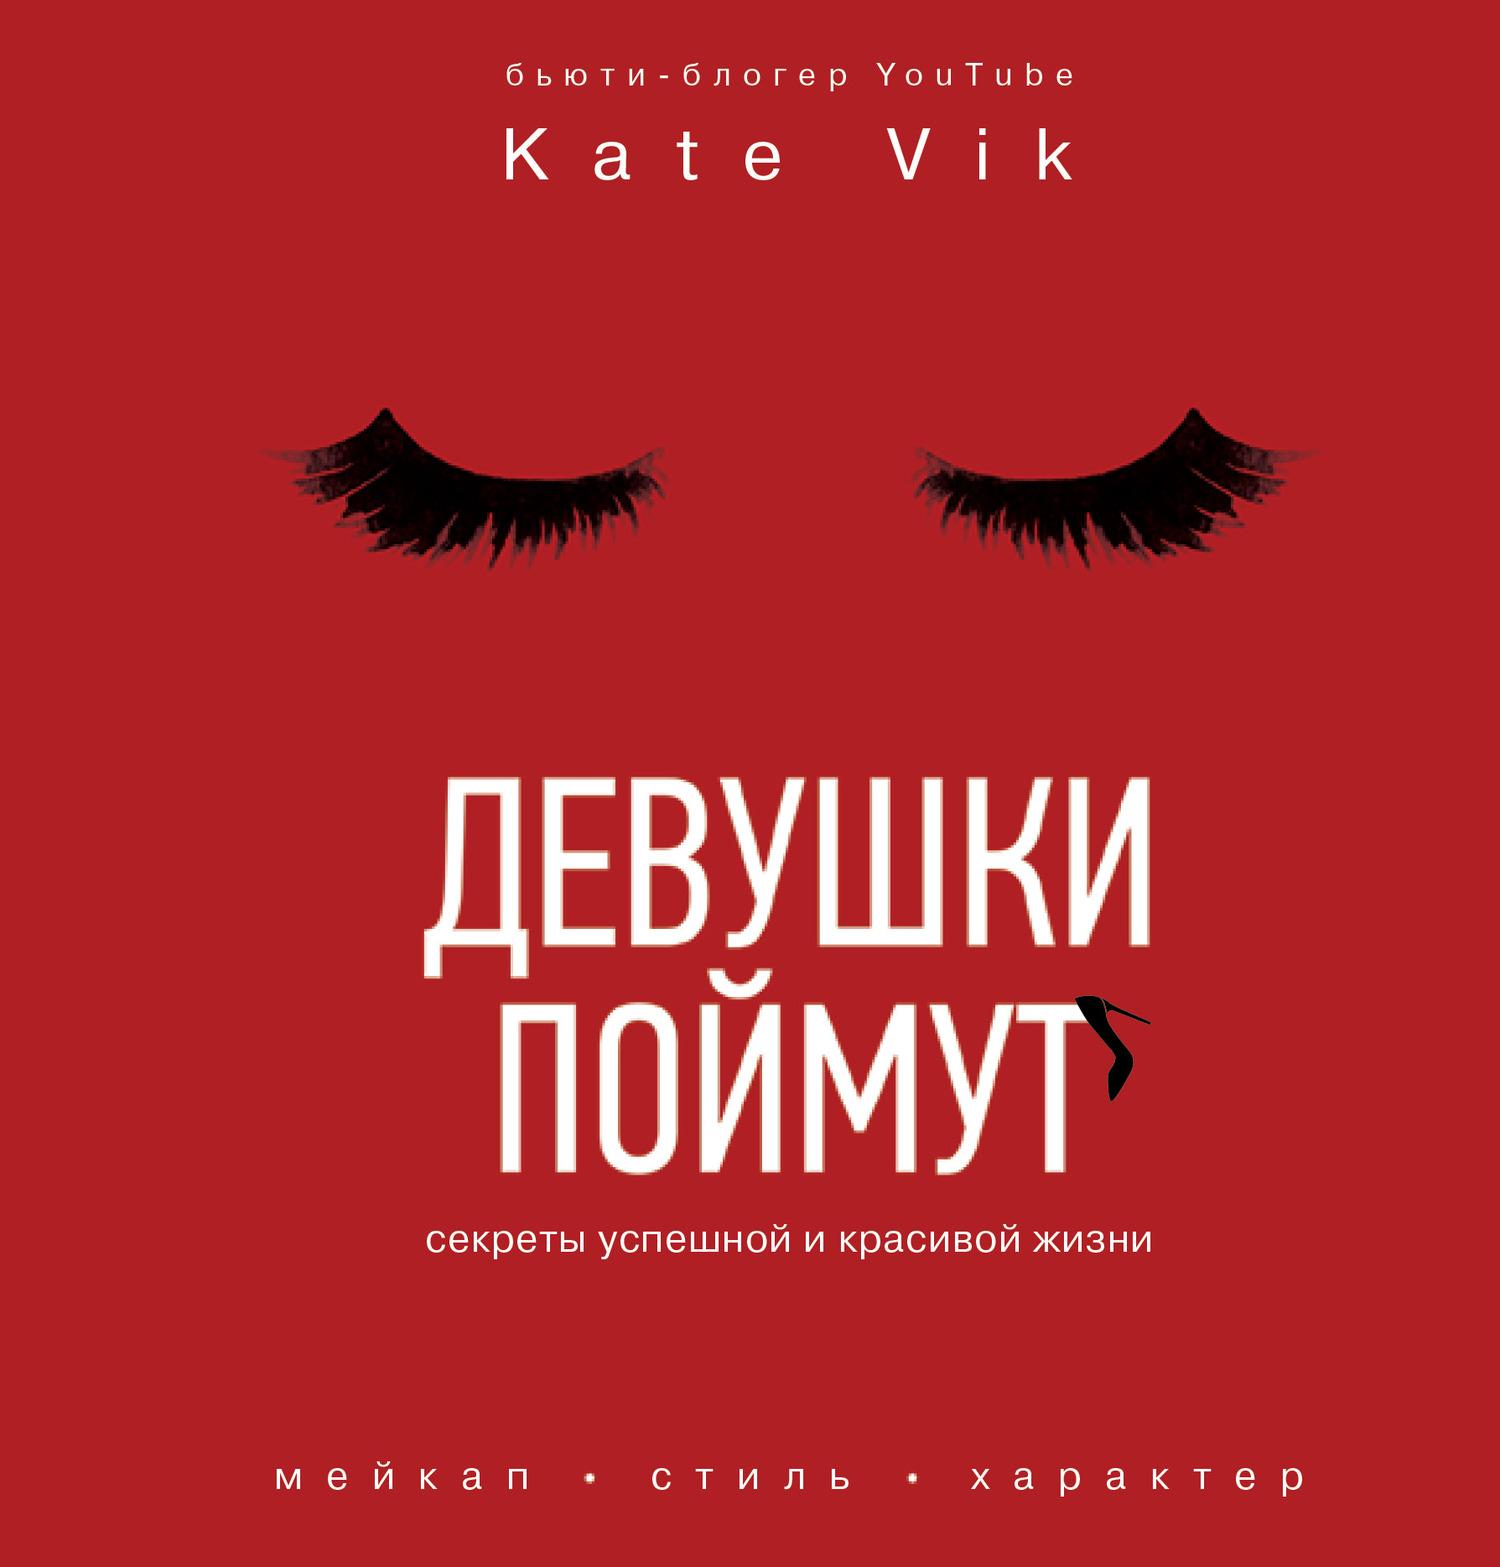 Катя Вик бесплатно